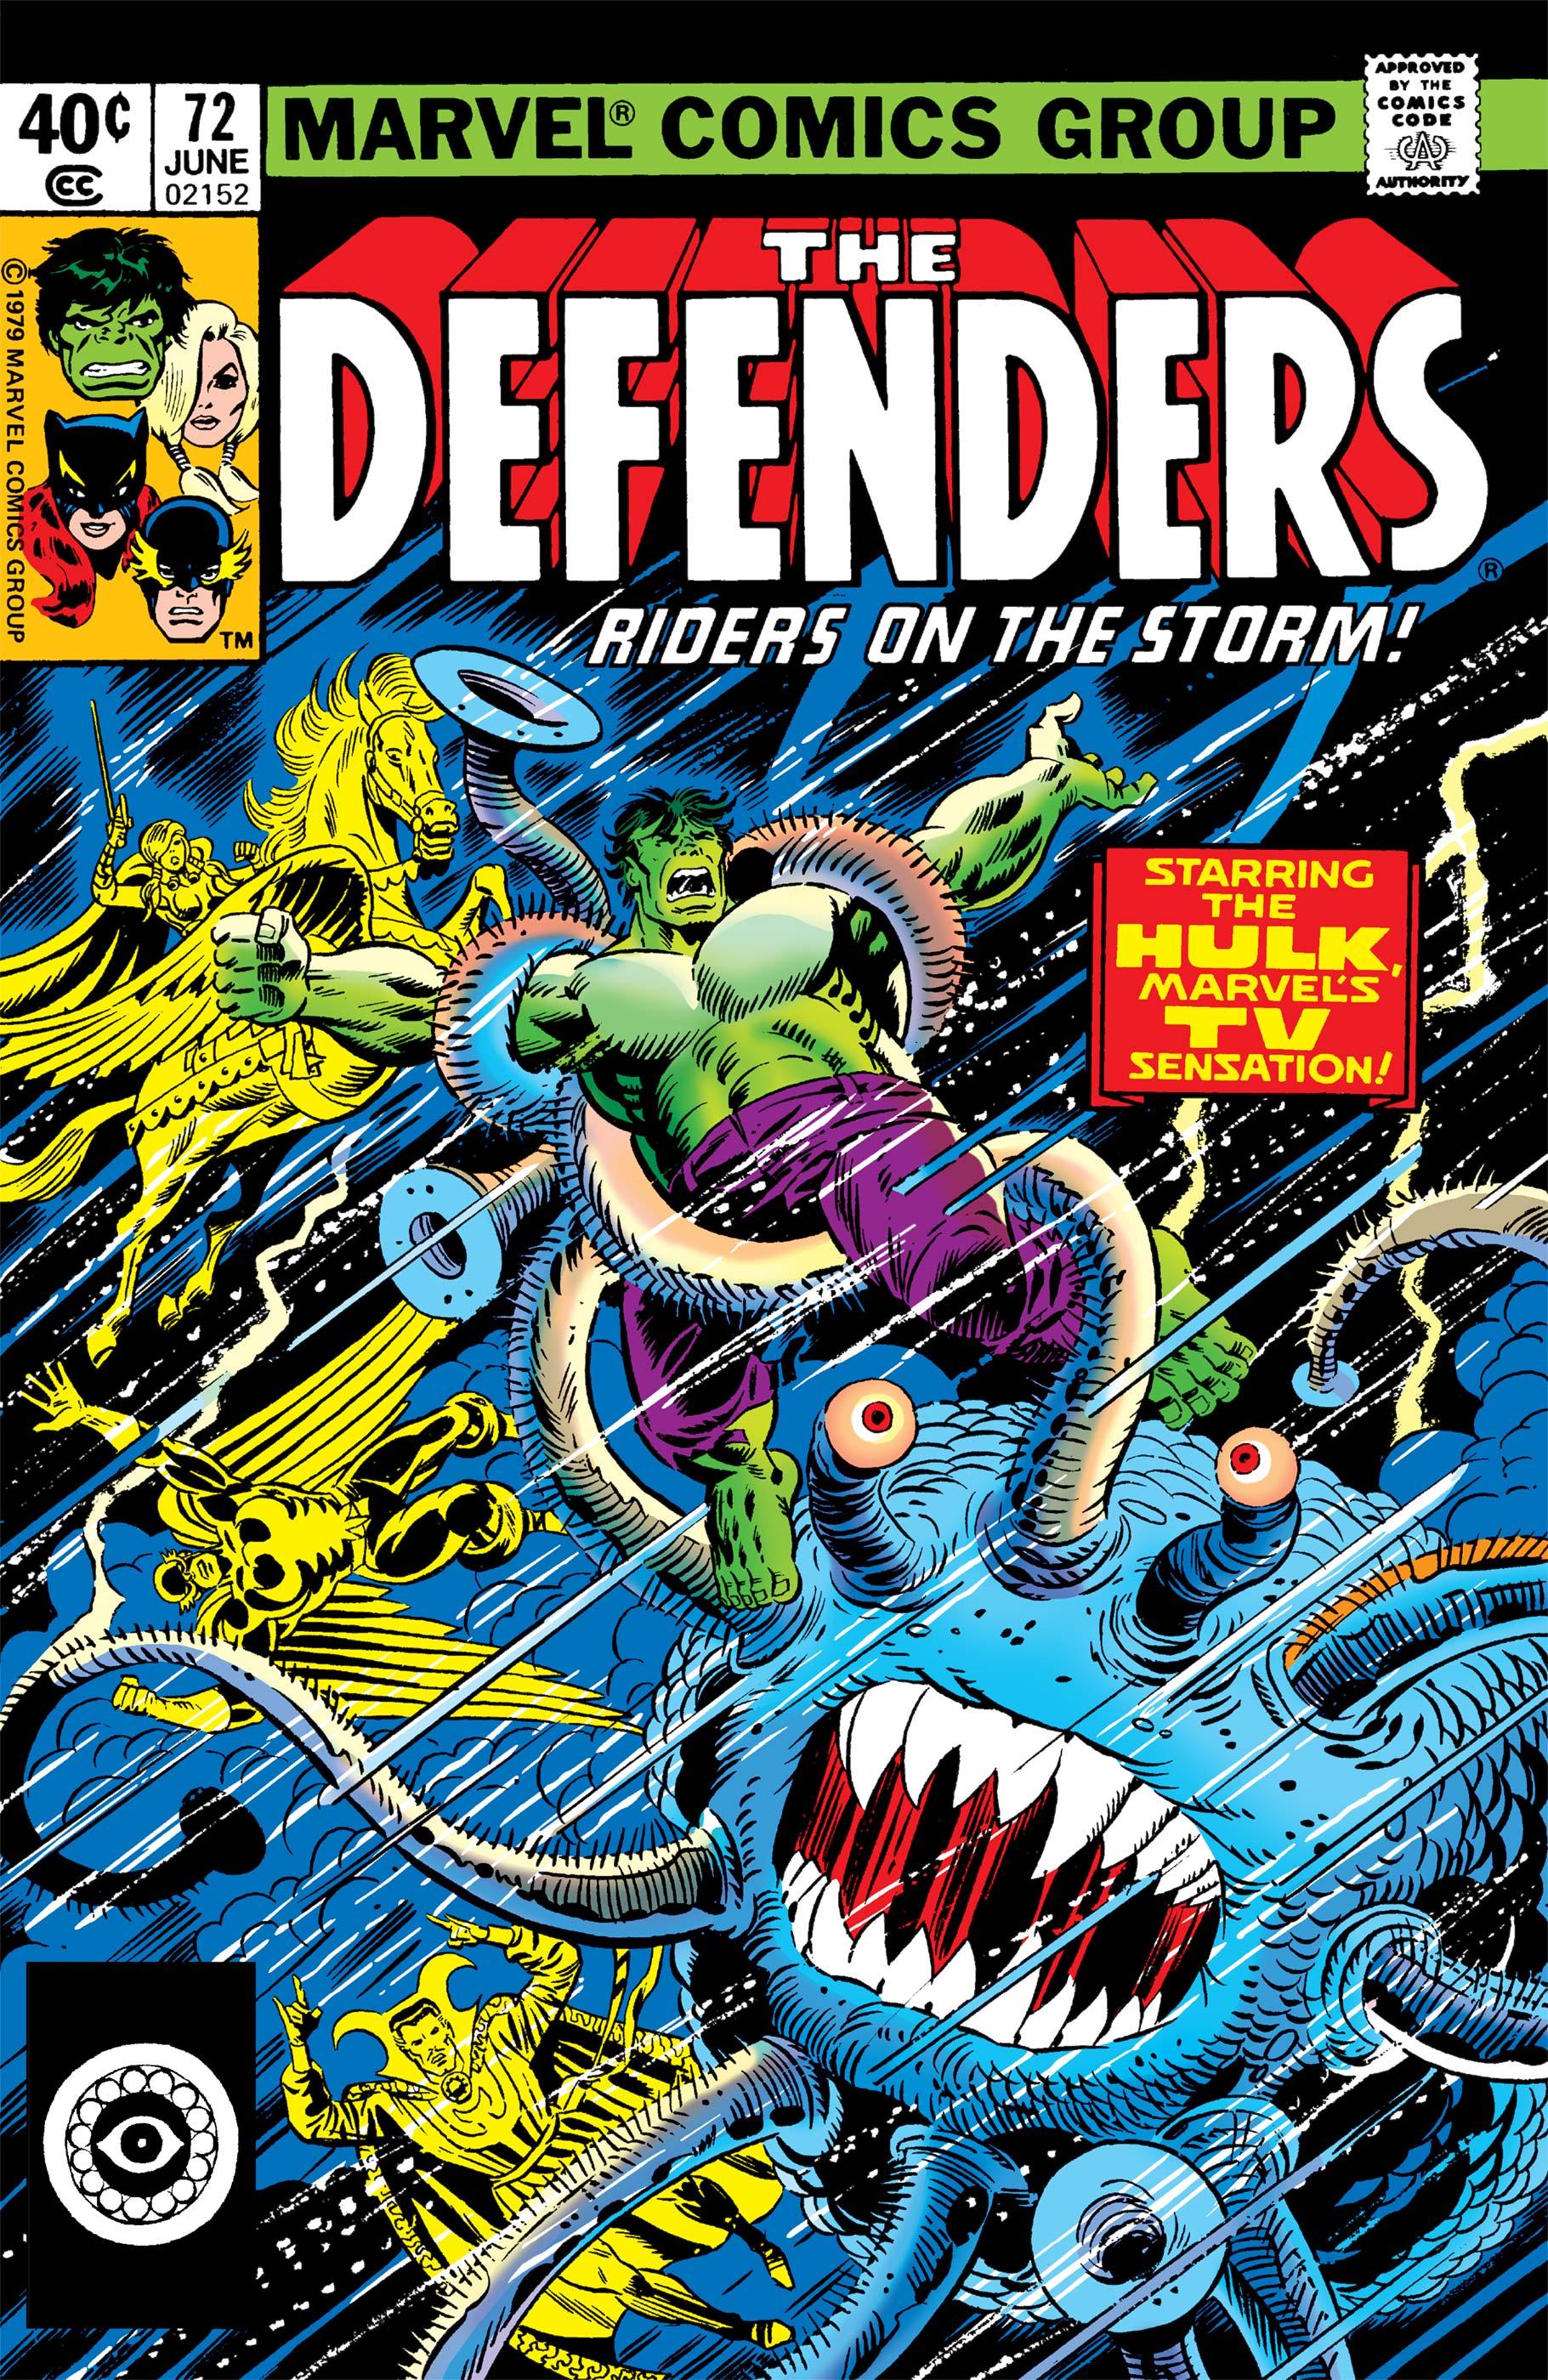 Defenders (1972) #72